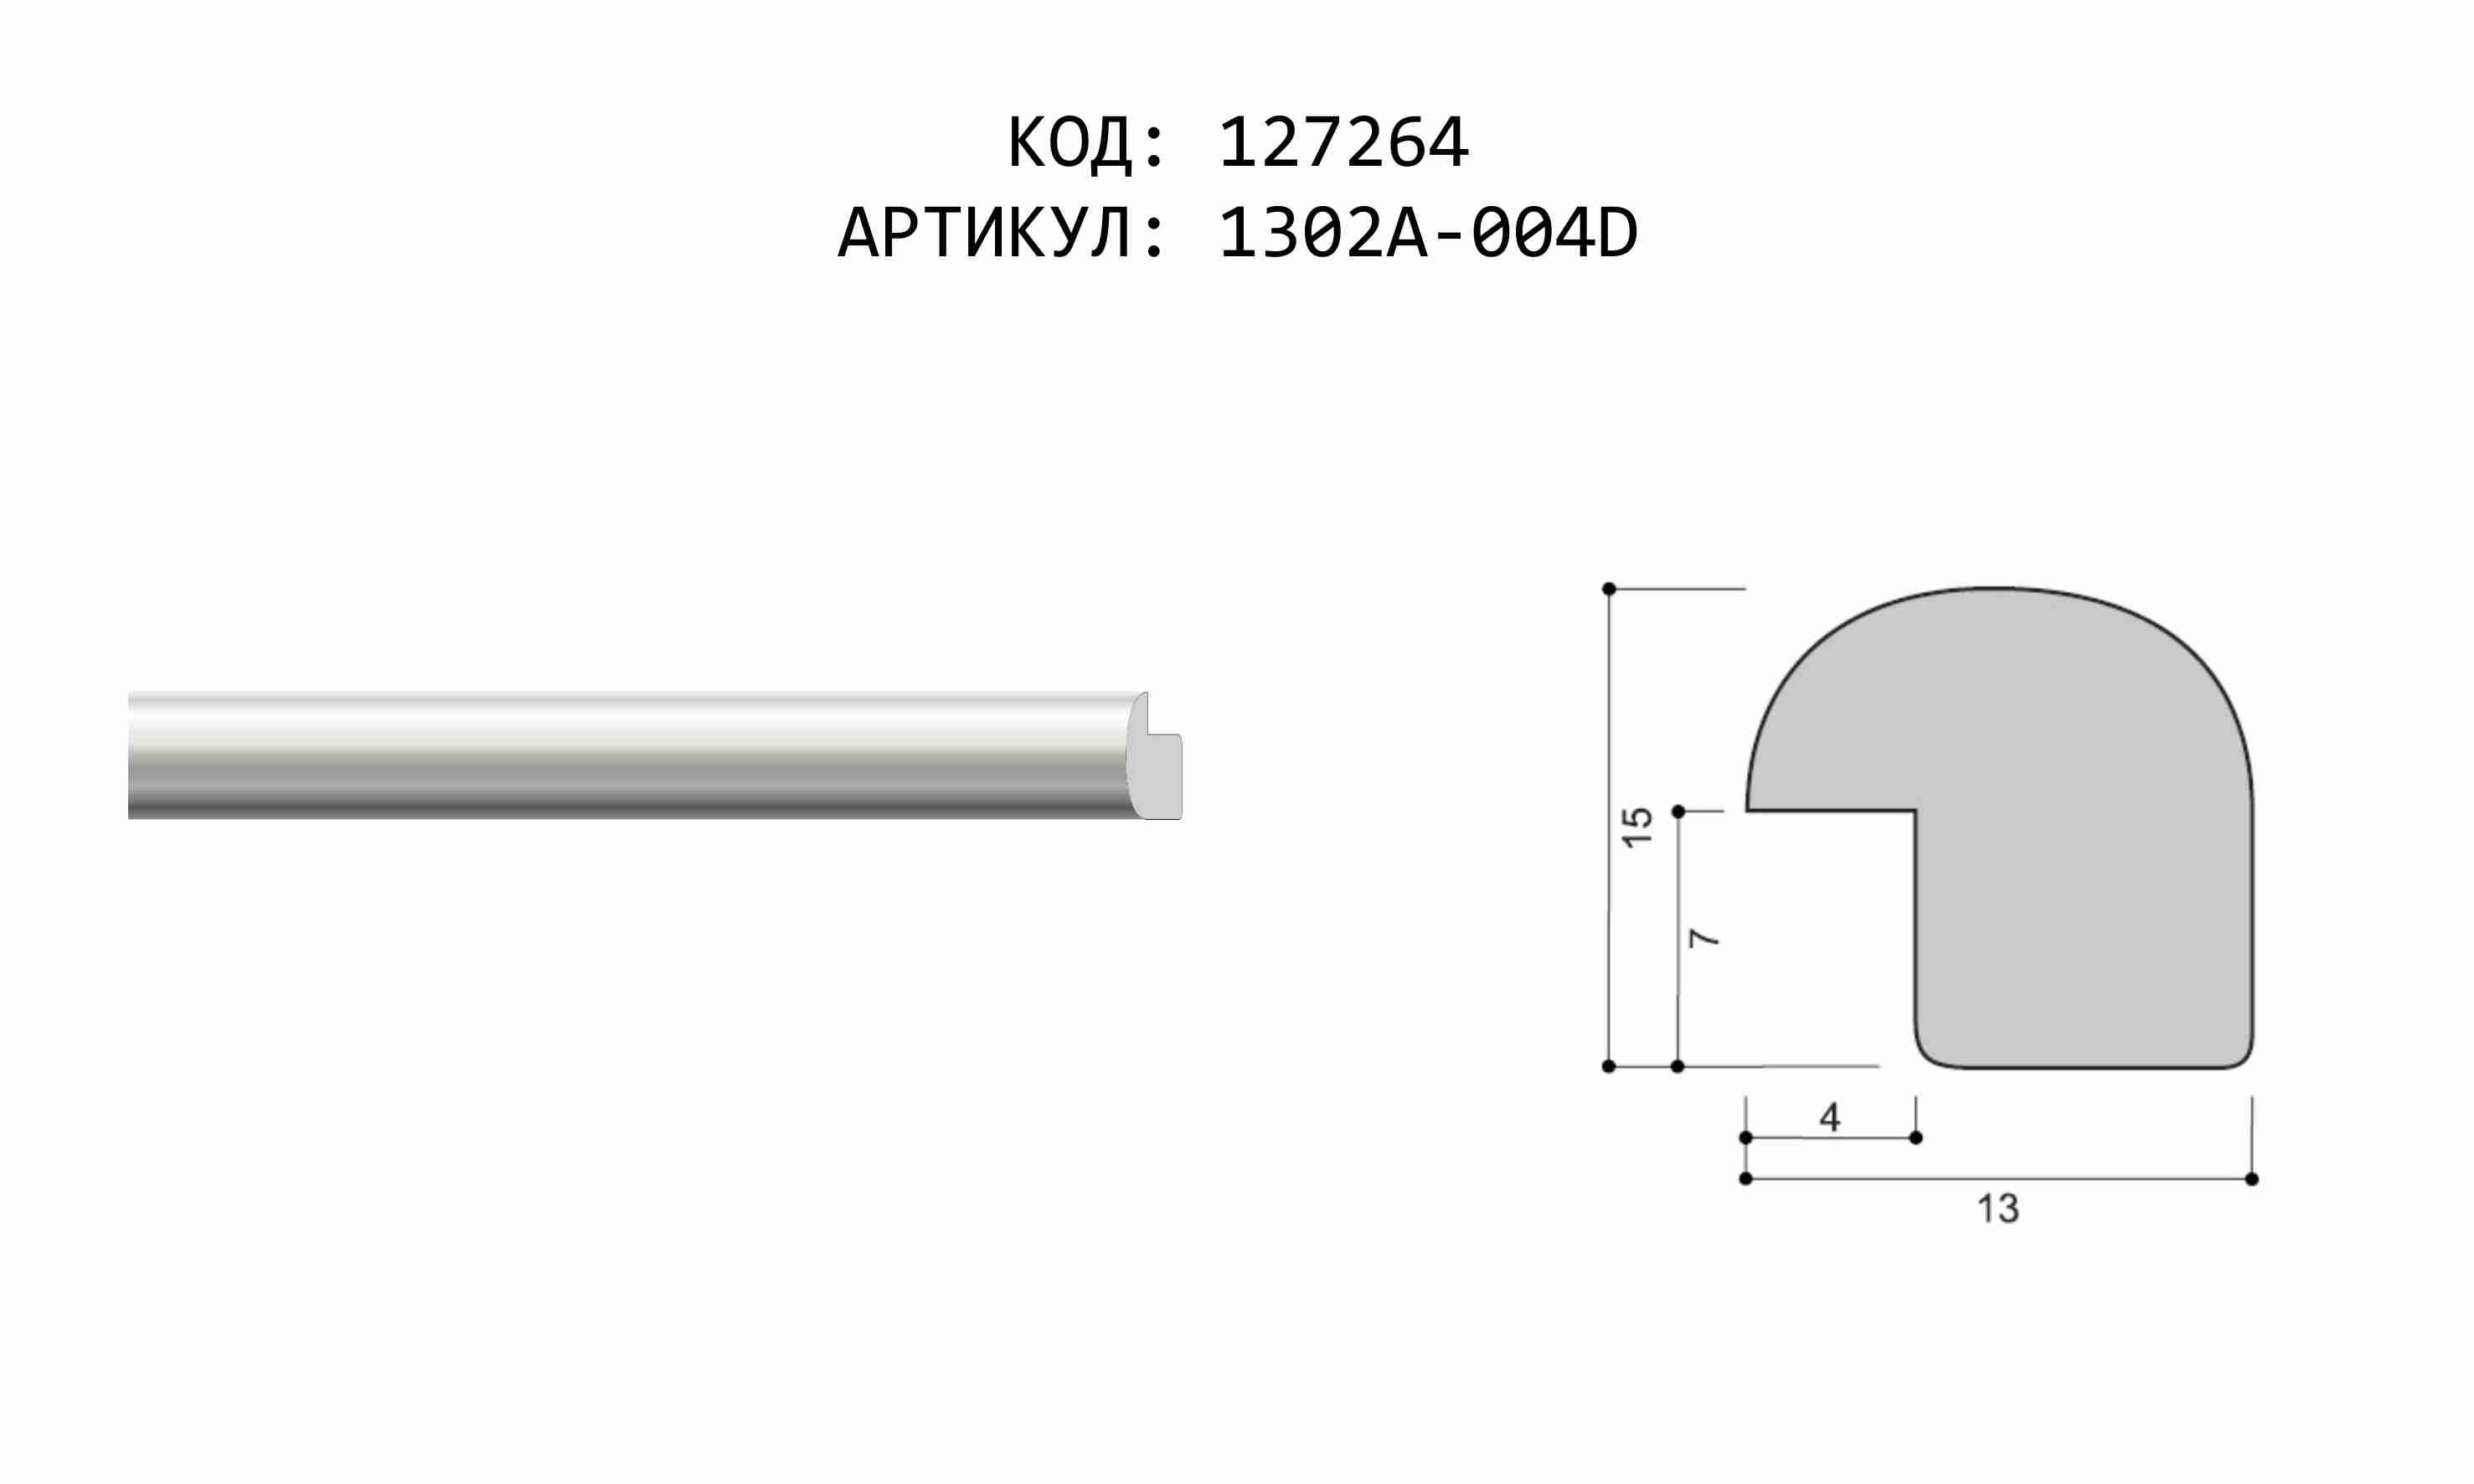 Артикул: 1302A-004D